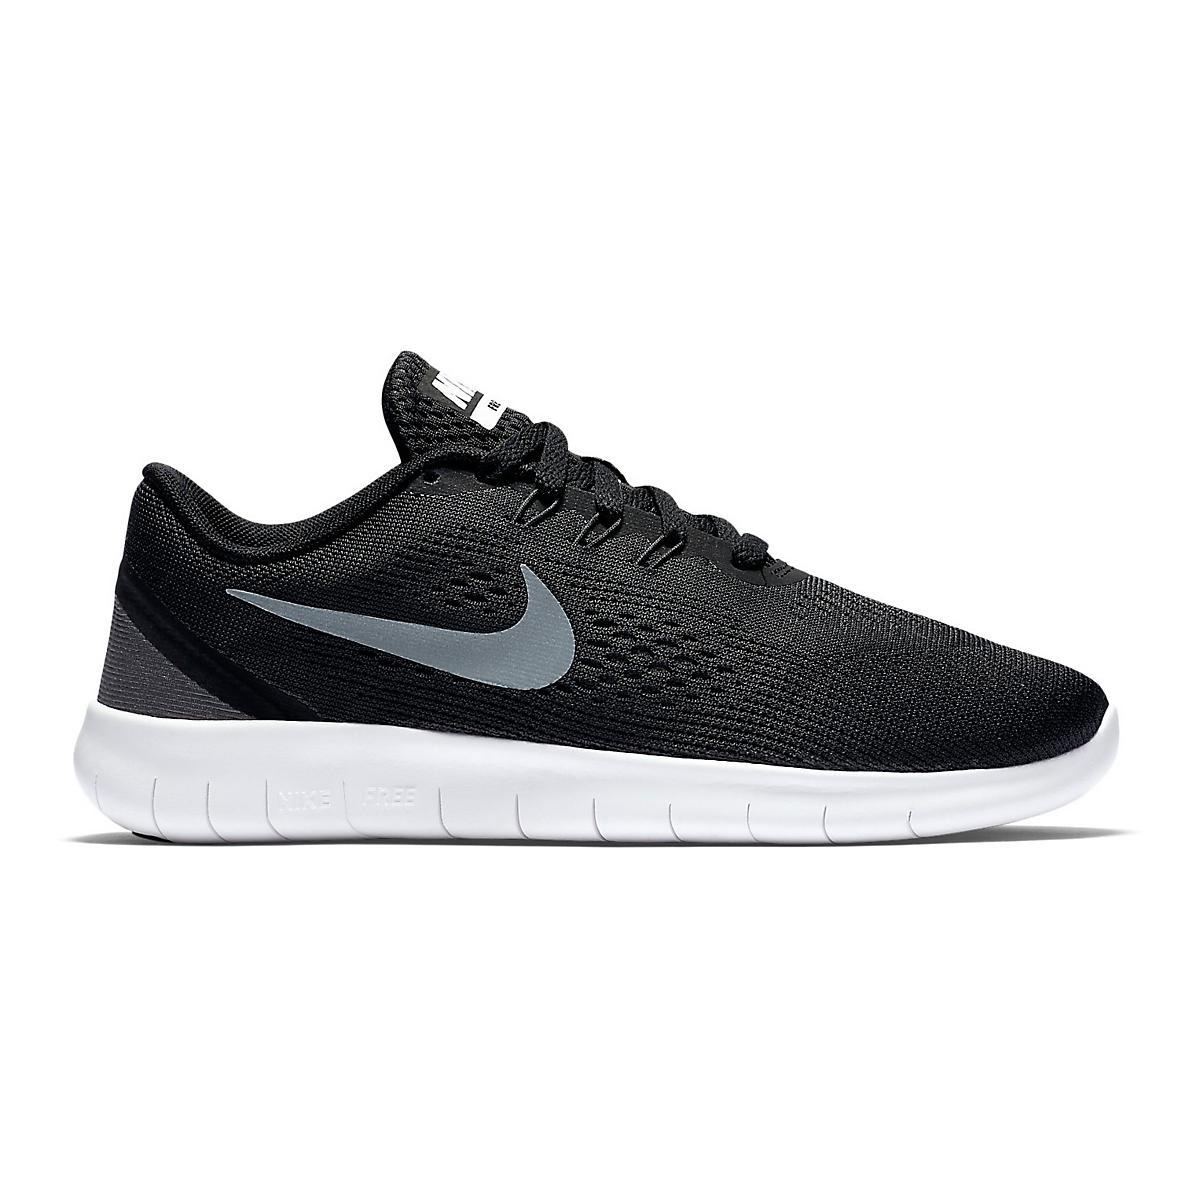 a30192098e03 Kids Nike Free RN Running Shoe